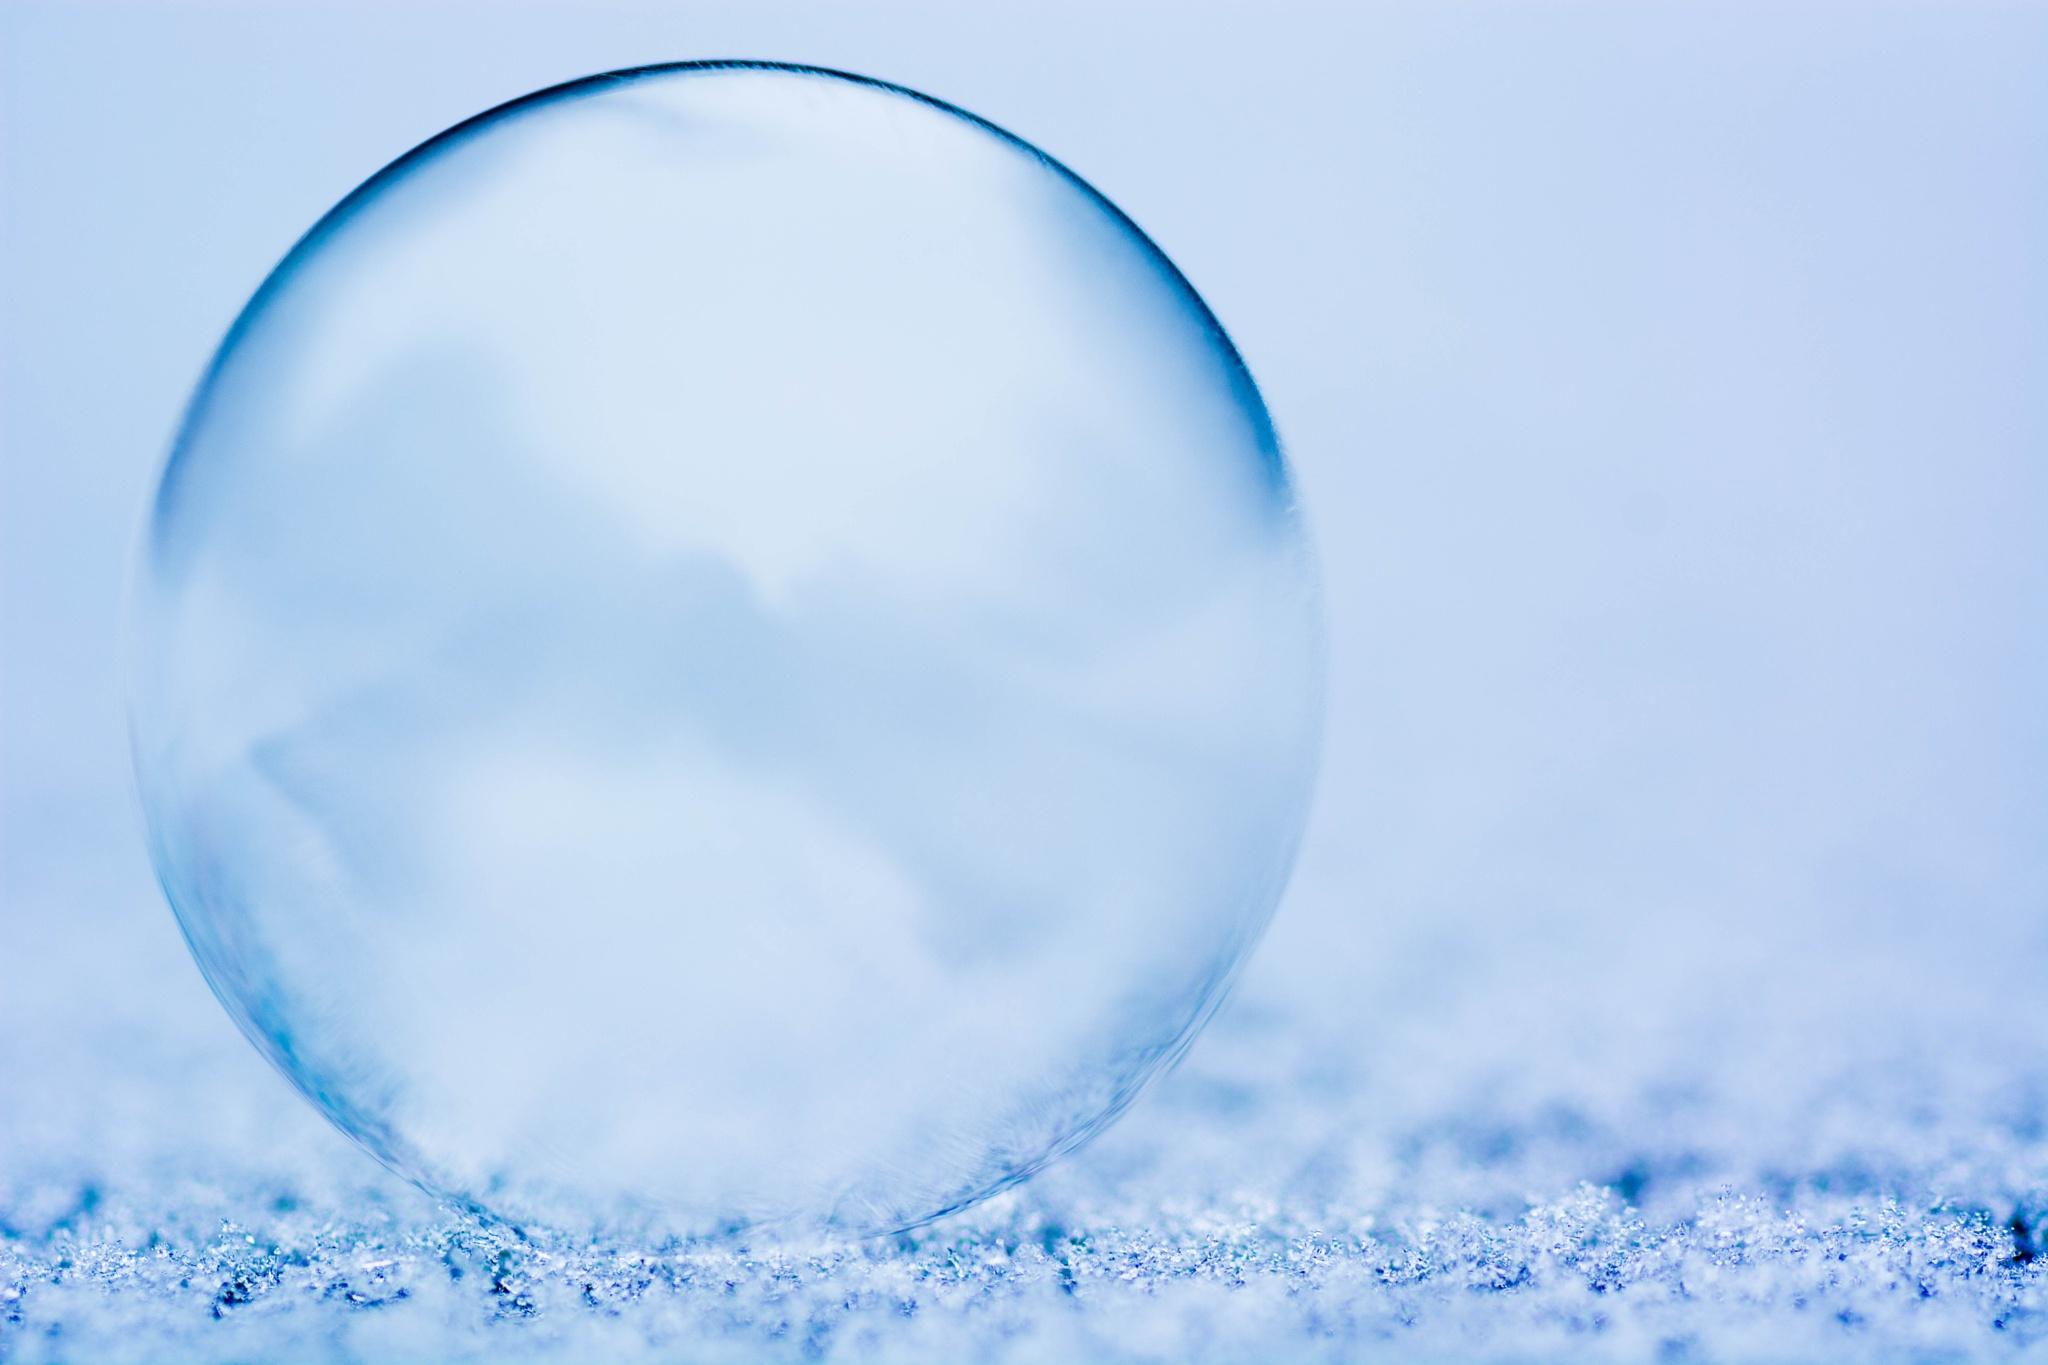 Bubble by Juul